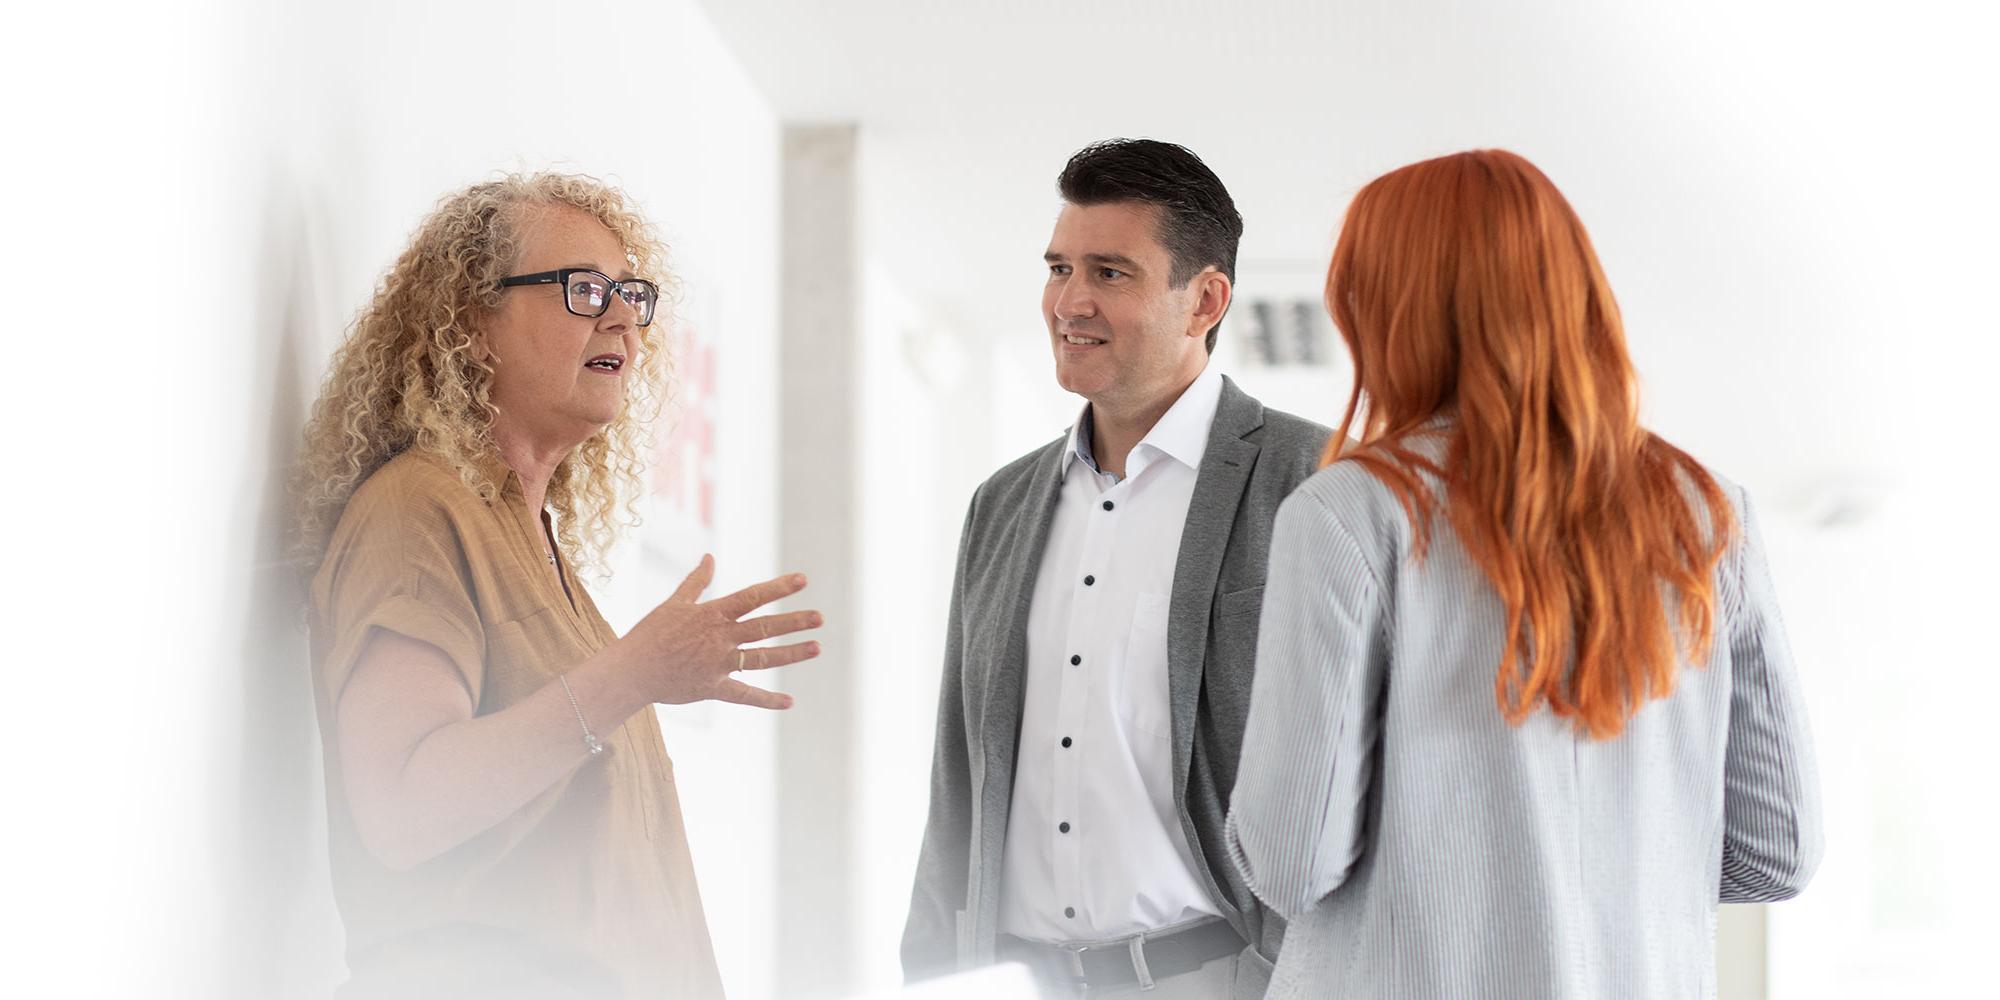 Zwei Frauen und ein Mann unterhalten sich